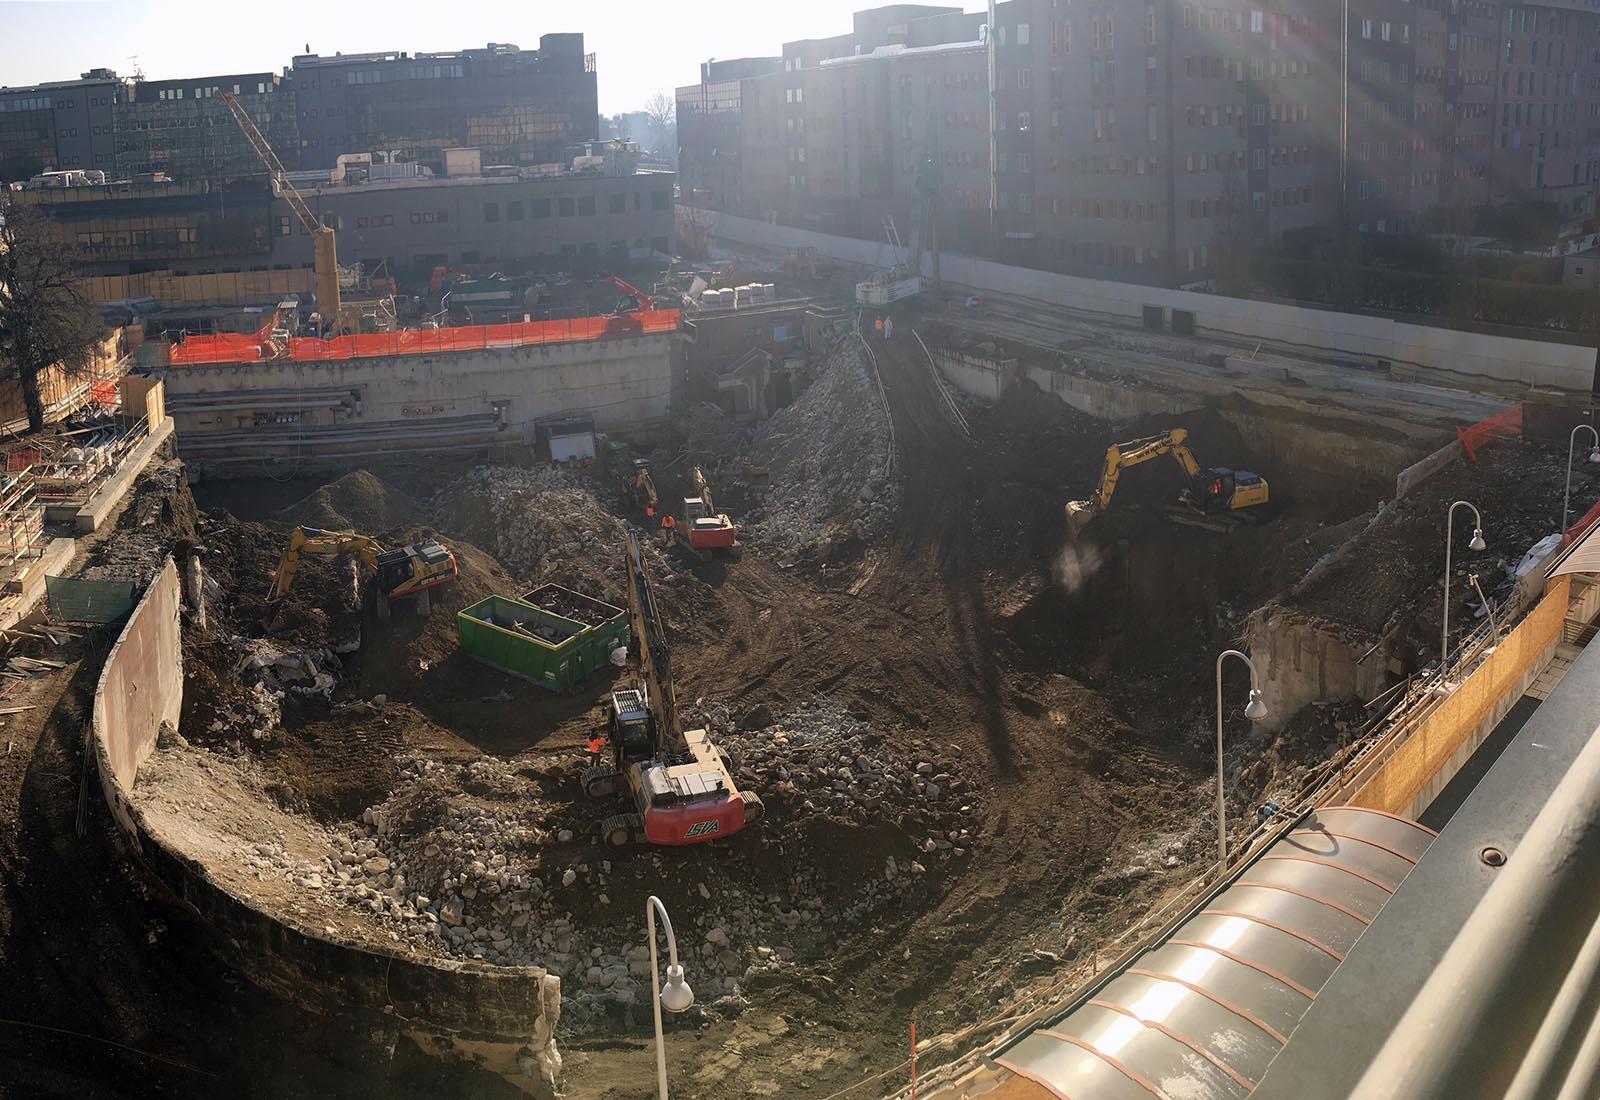 Ampliamento Ospedale San Raffaele a Milano - Demolizioni e scavi